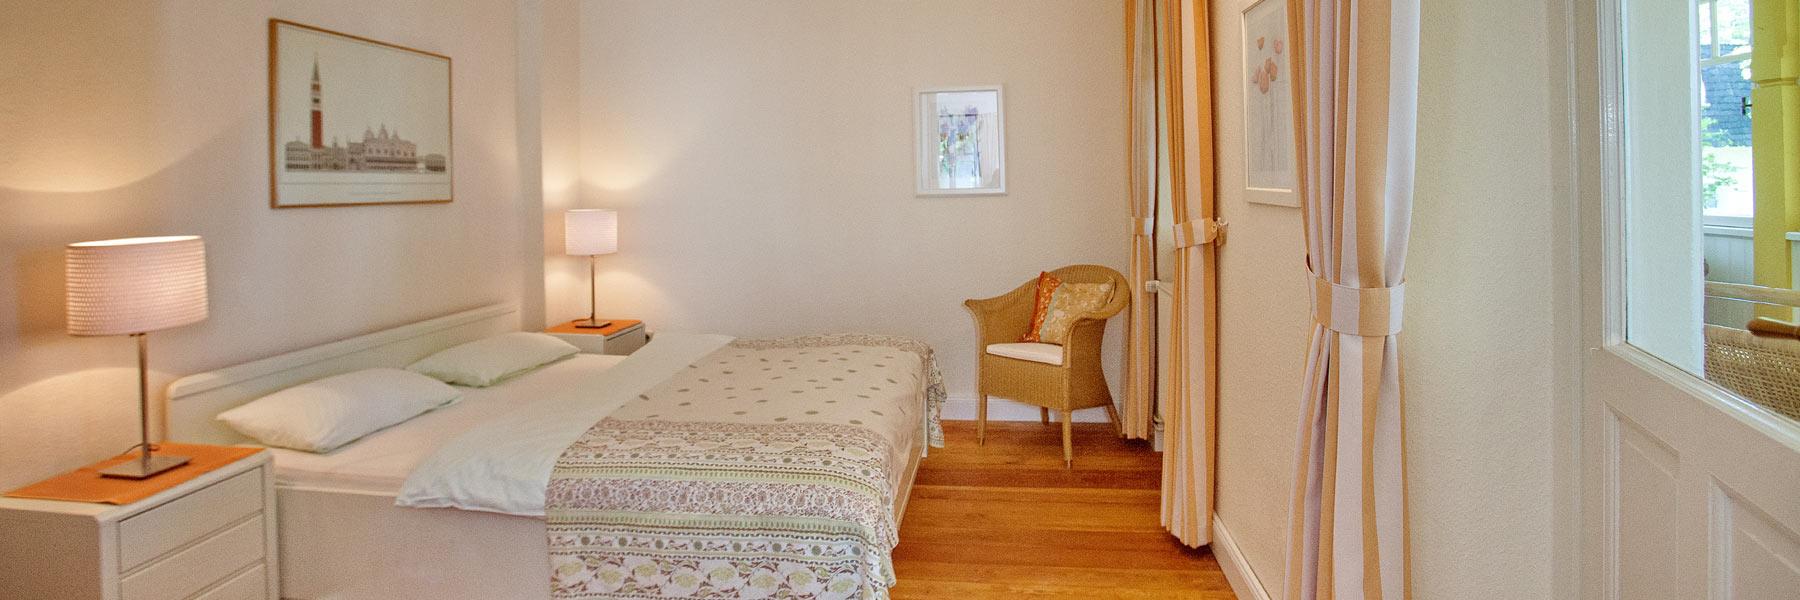 Zimmer - Das Strandhaus